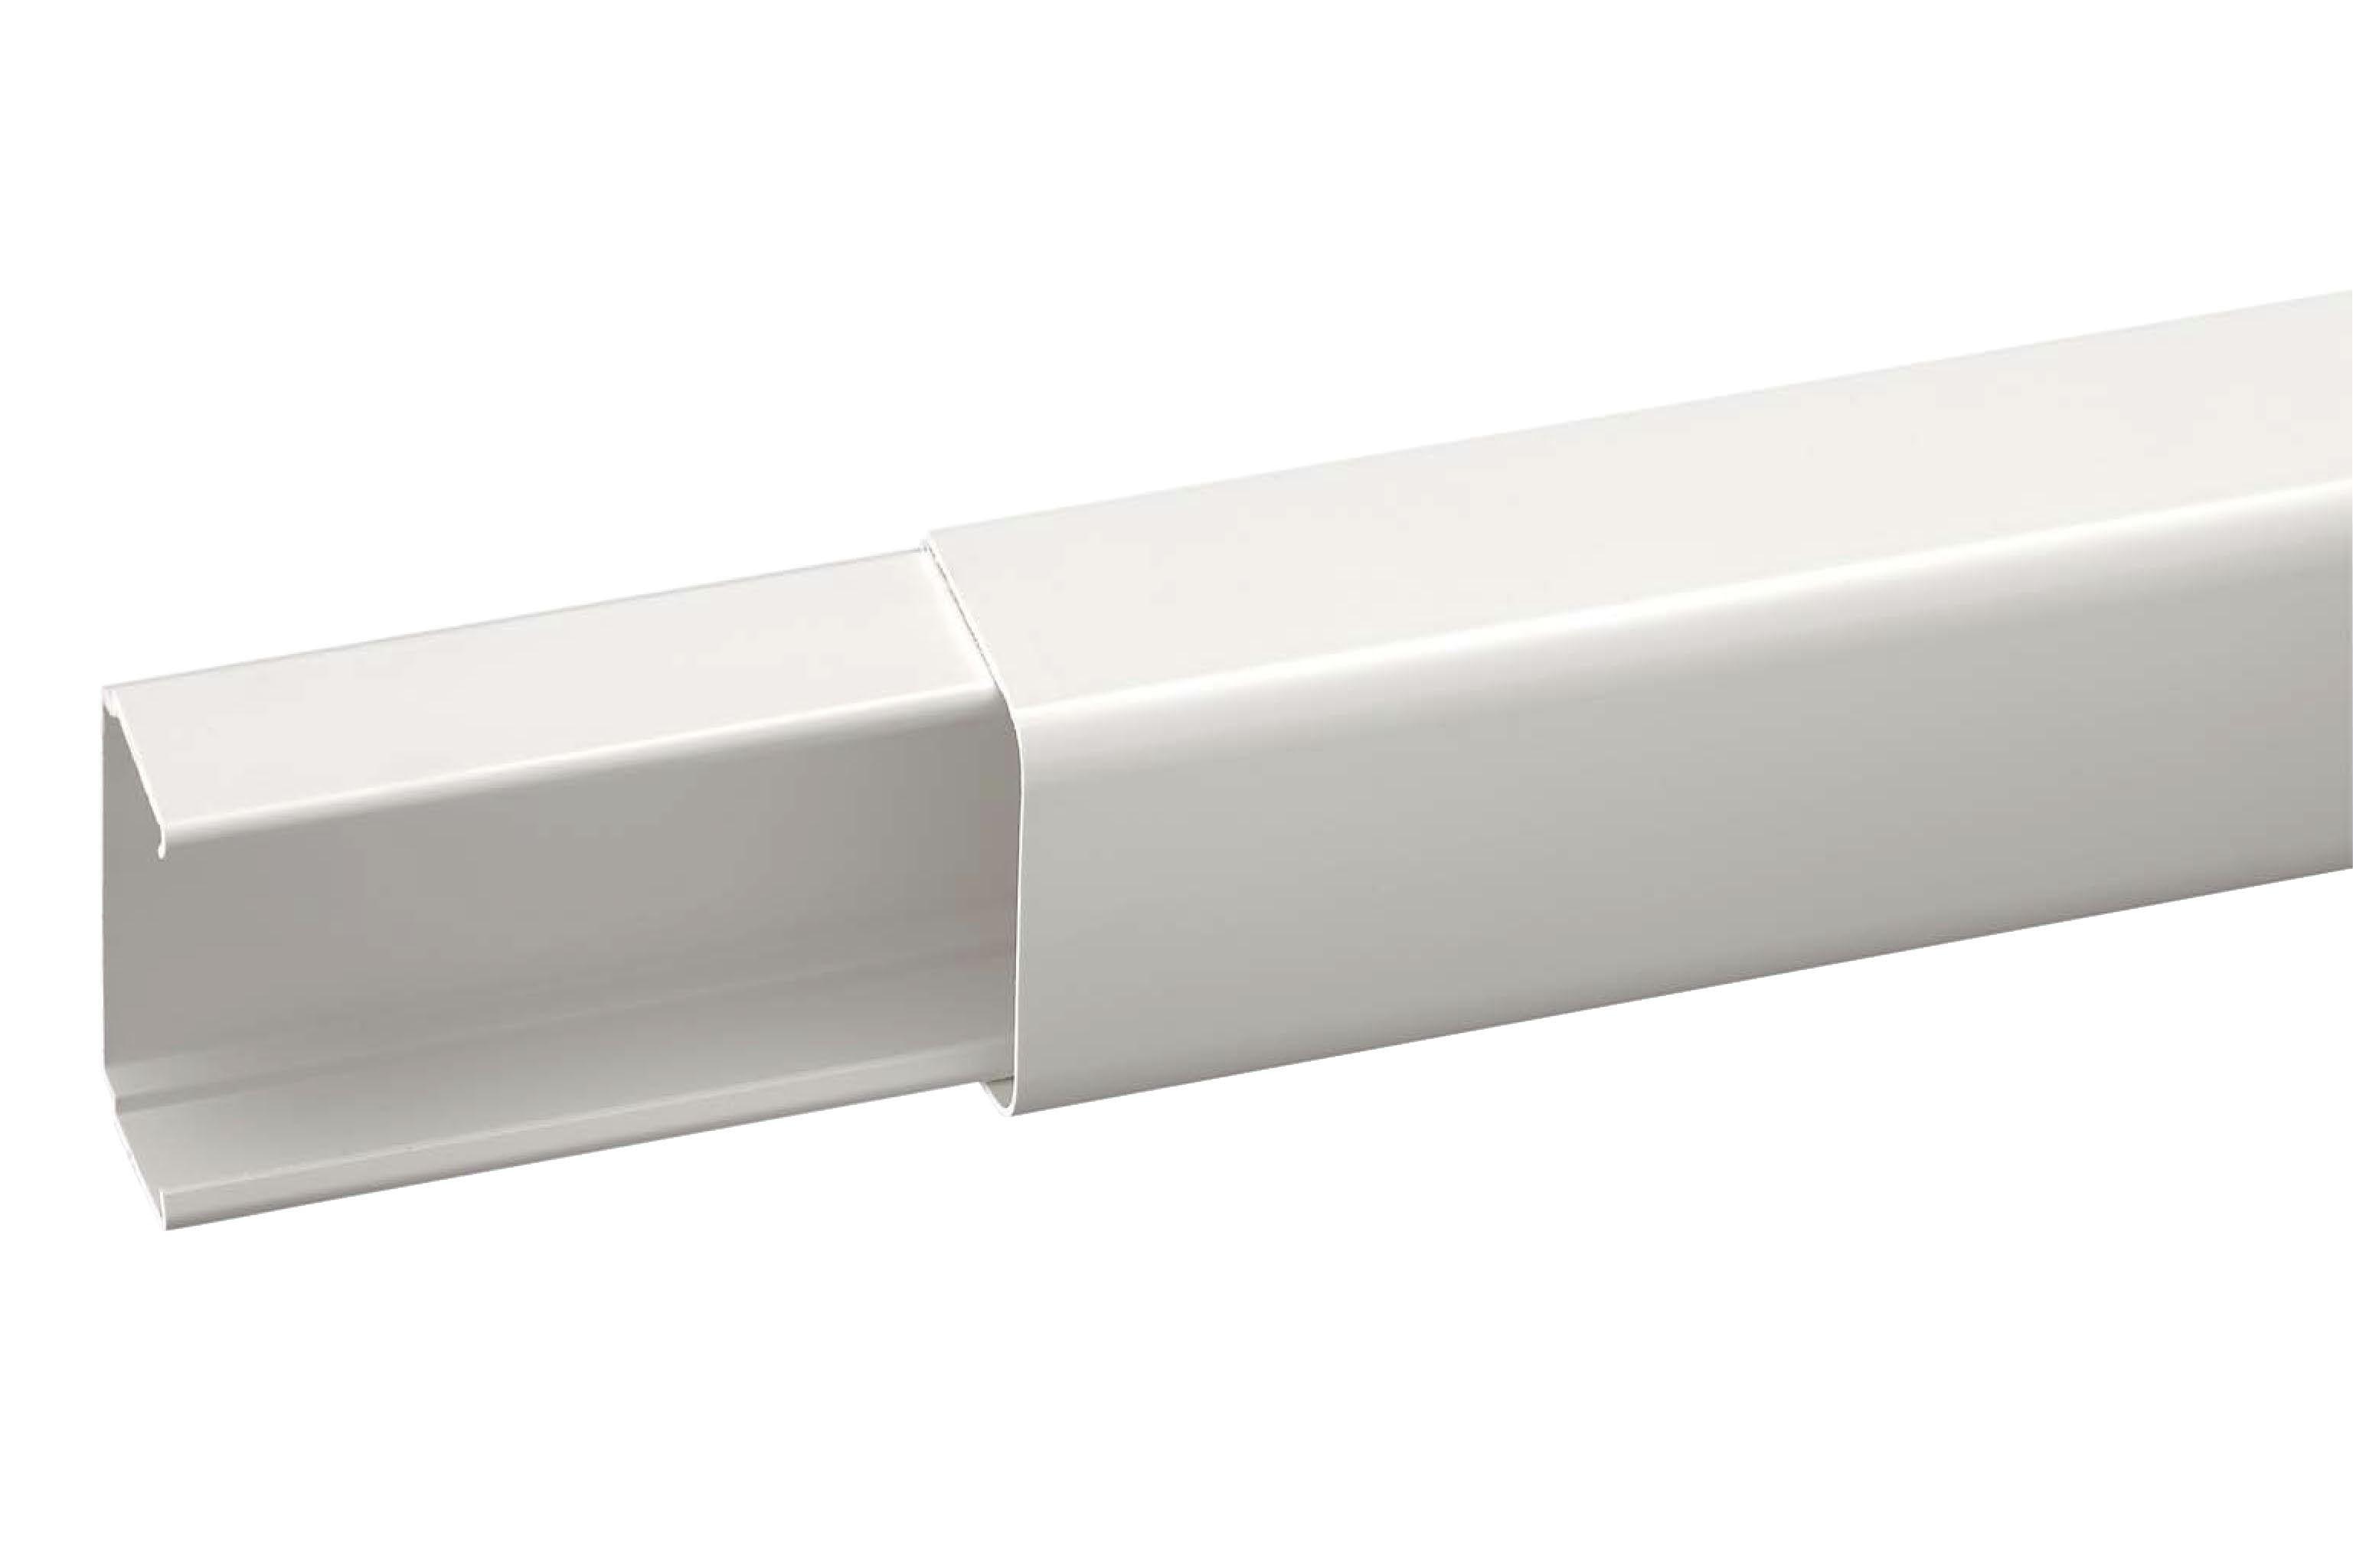 goulotte climatisation avec couvercle dim 80x60 syst me de goulottes pour climatisation. Black Bedroom Furniture Sets. Home Design Ideas